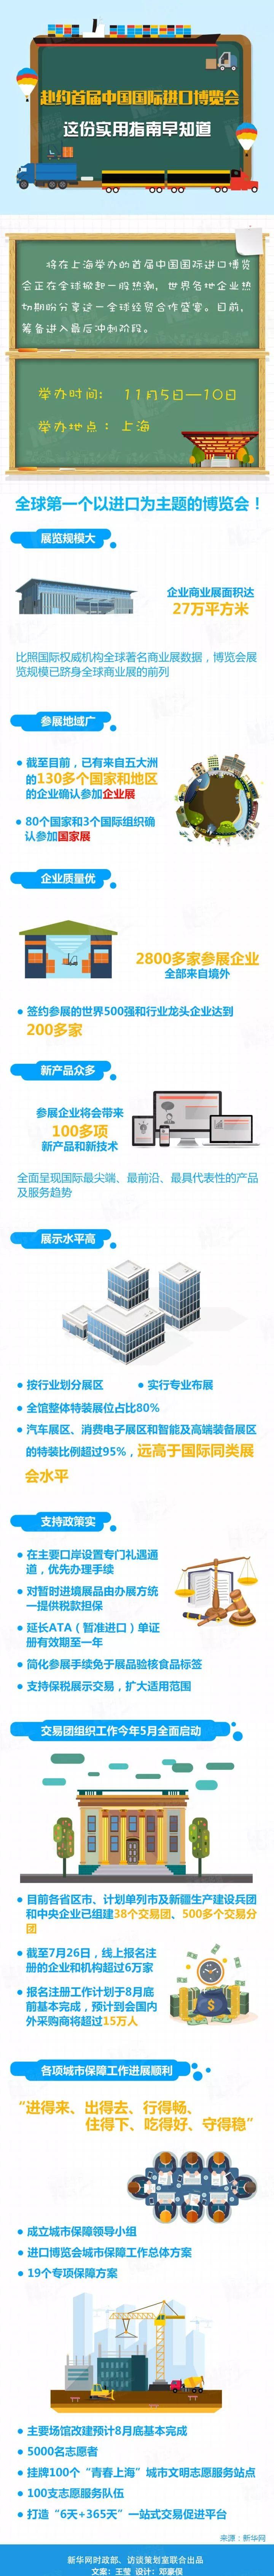 一图解读2018中国国际进口博览会参观指南